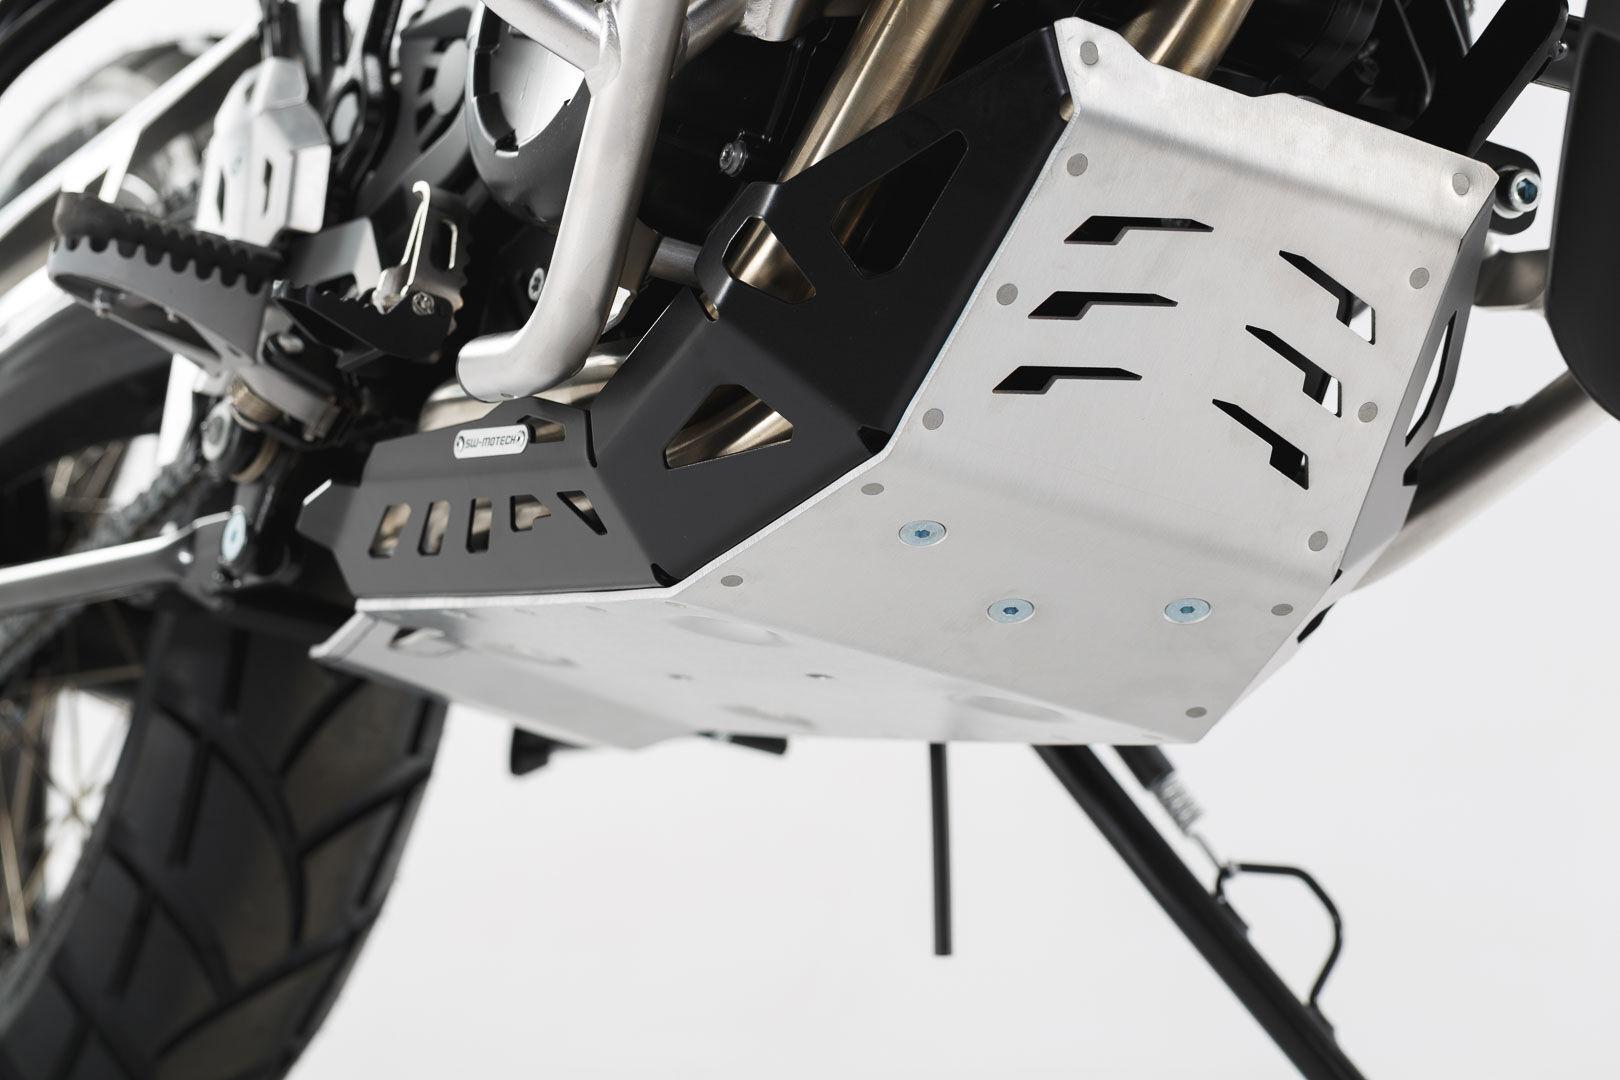 SW-Motech Sabot moteur - Noir/Gris. BMW GS-modèles / Husqvarna Nuda 900. Noir Argent taille : unique taille